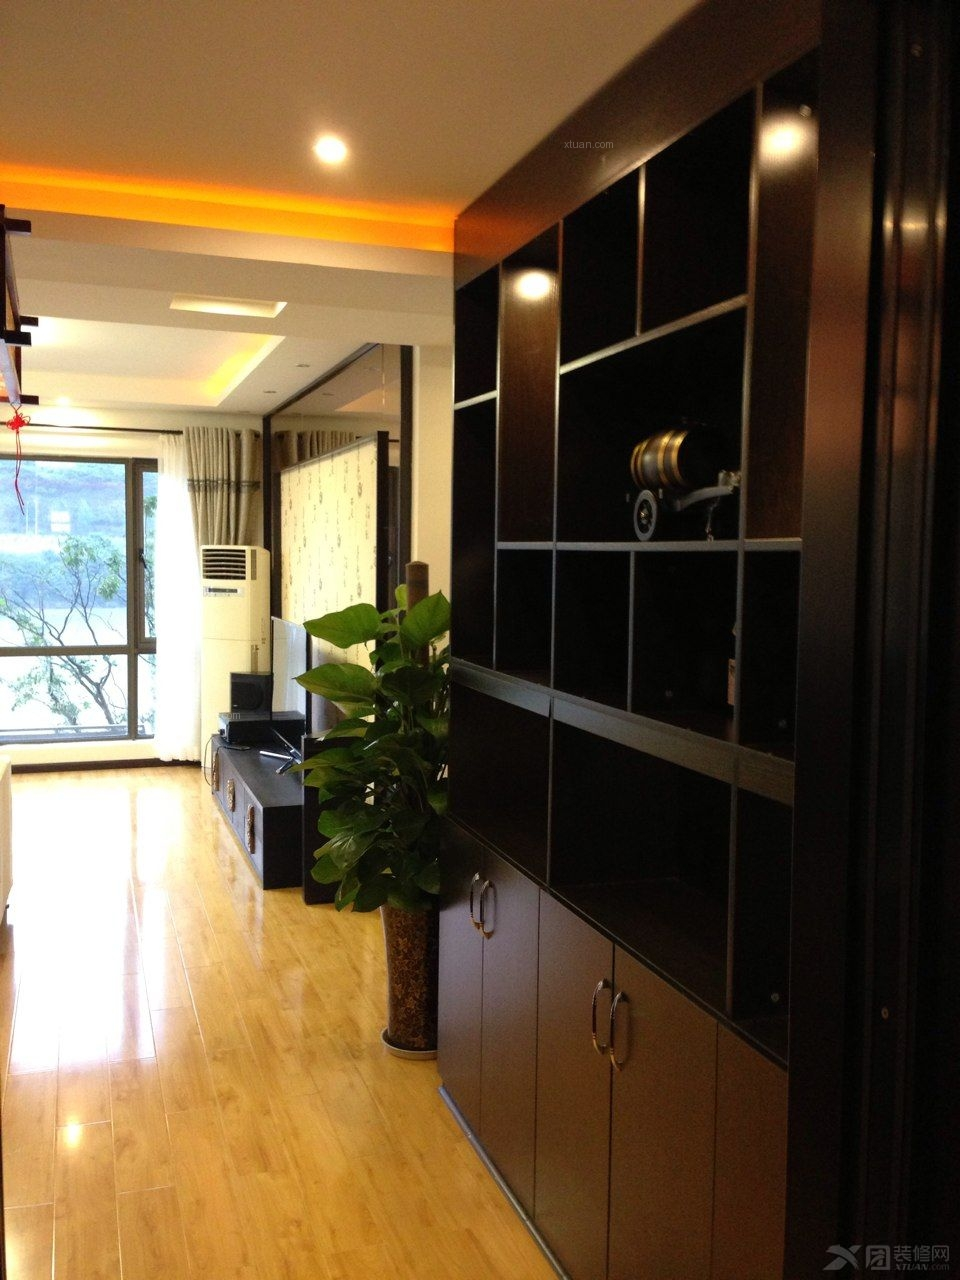 三室两厅中式风格餐厅_桃花岛130平户型装修效果图-x